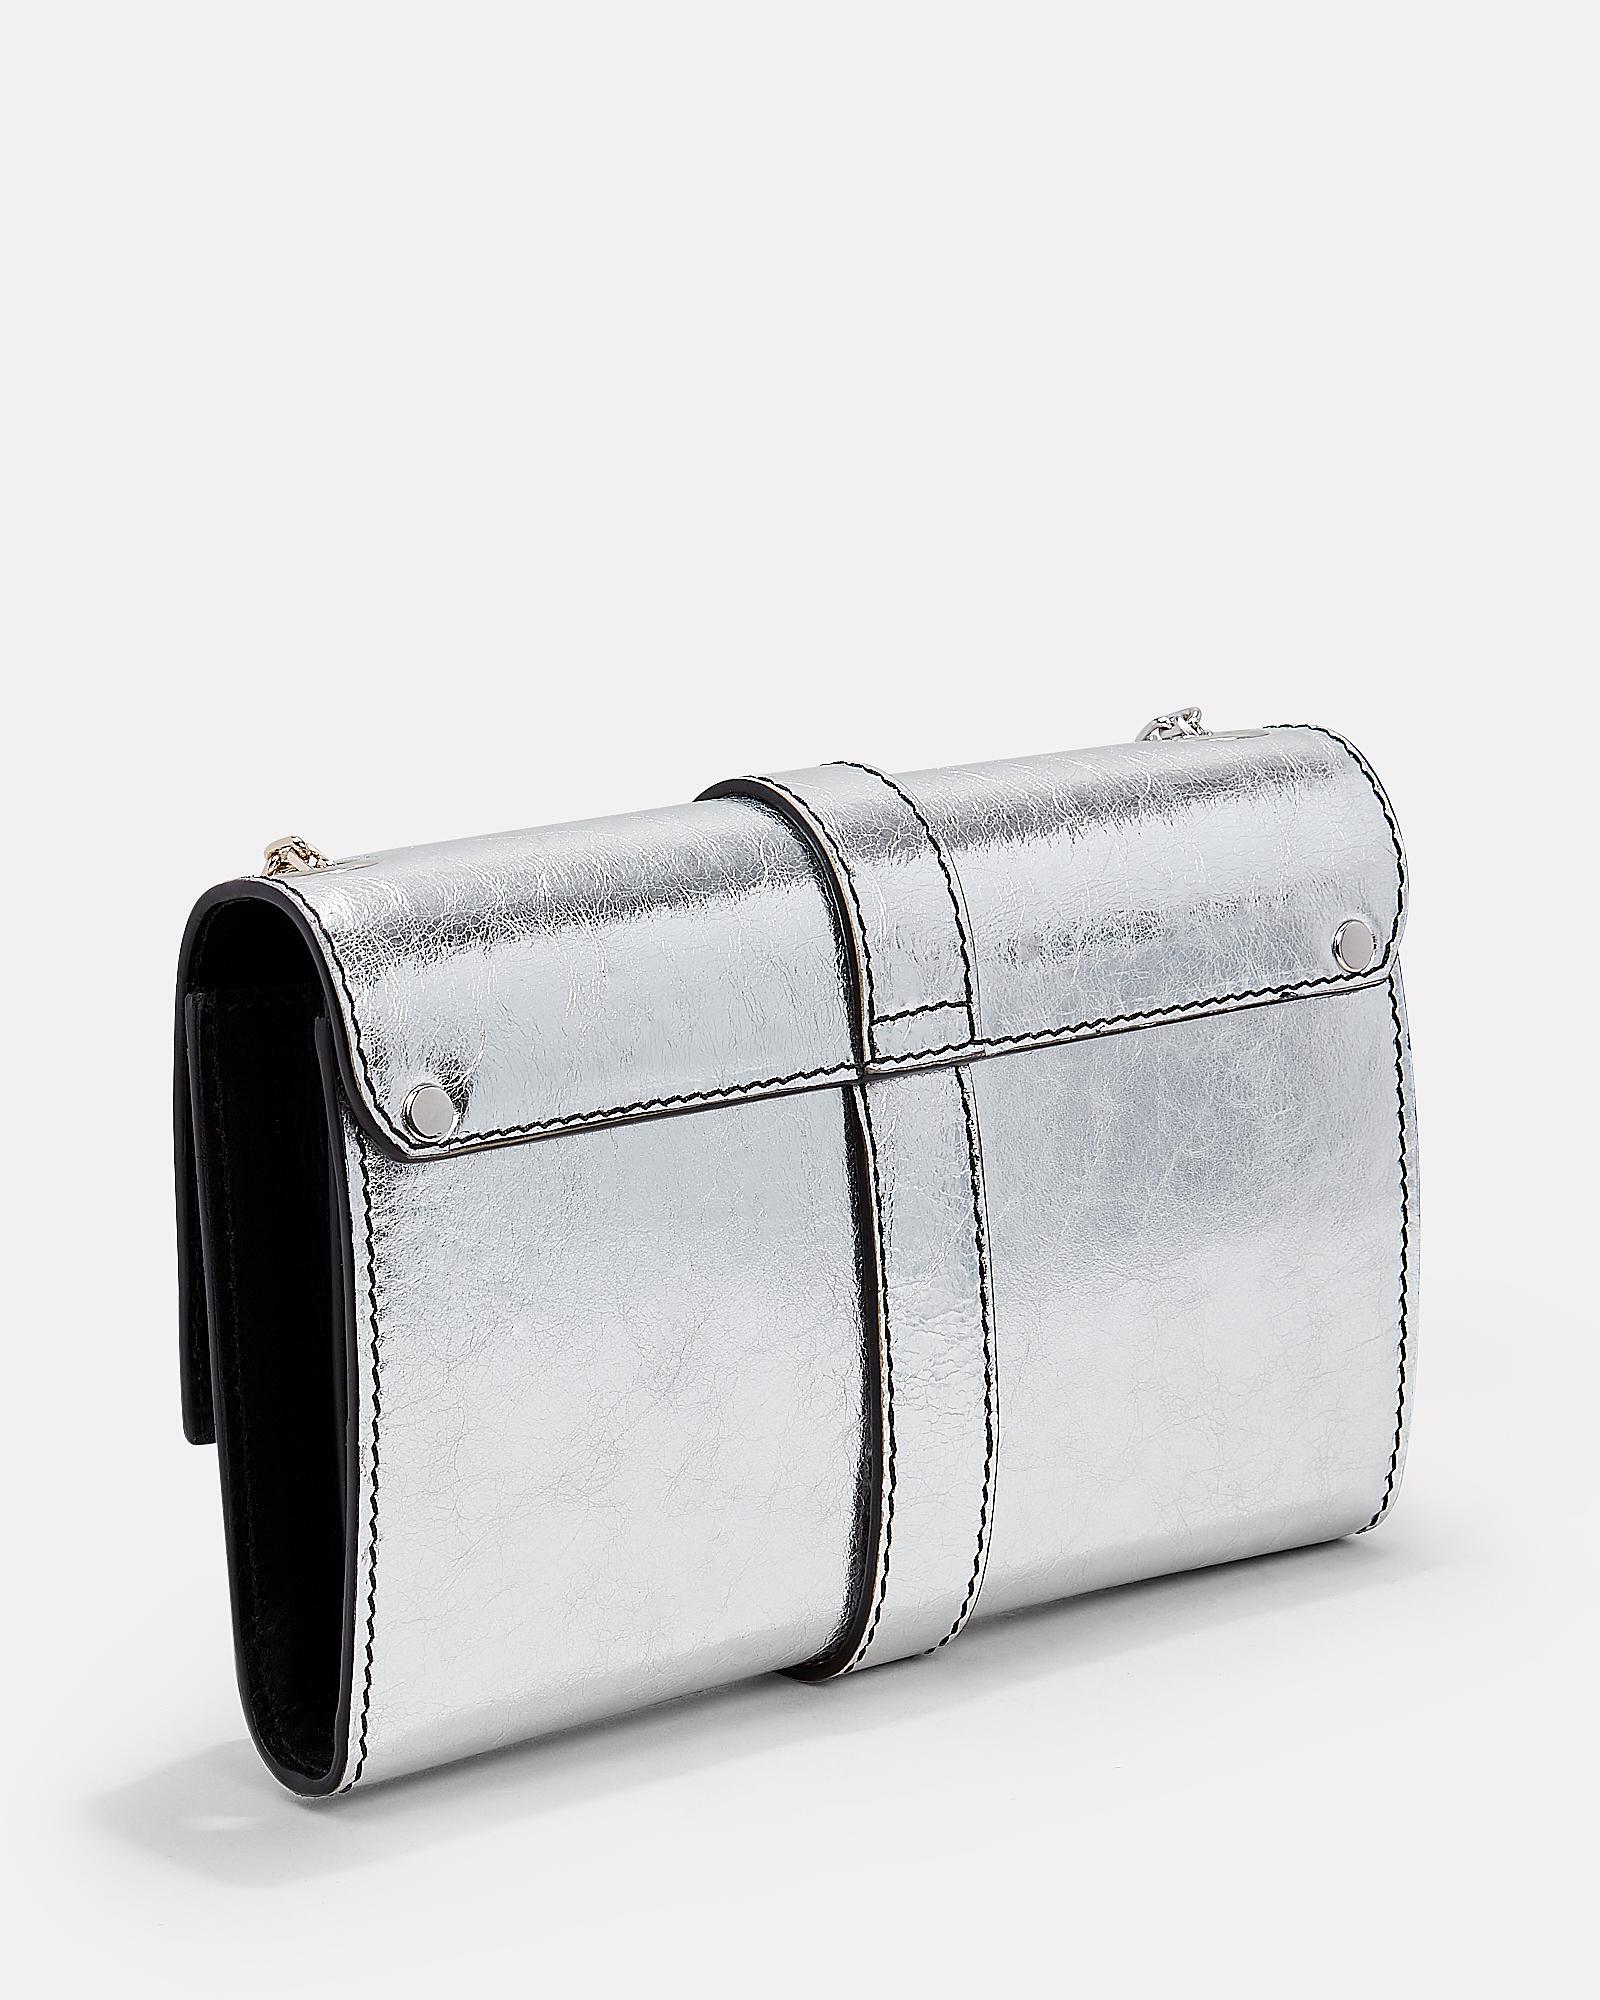 88916edf5a50 Lyst - Proenza Schouler Ps11 Silver Leather Clutch Chain Bag in Metallic